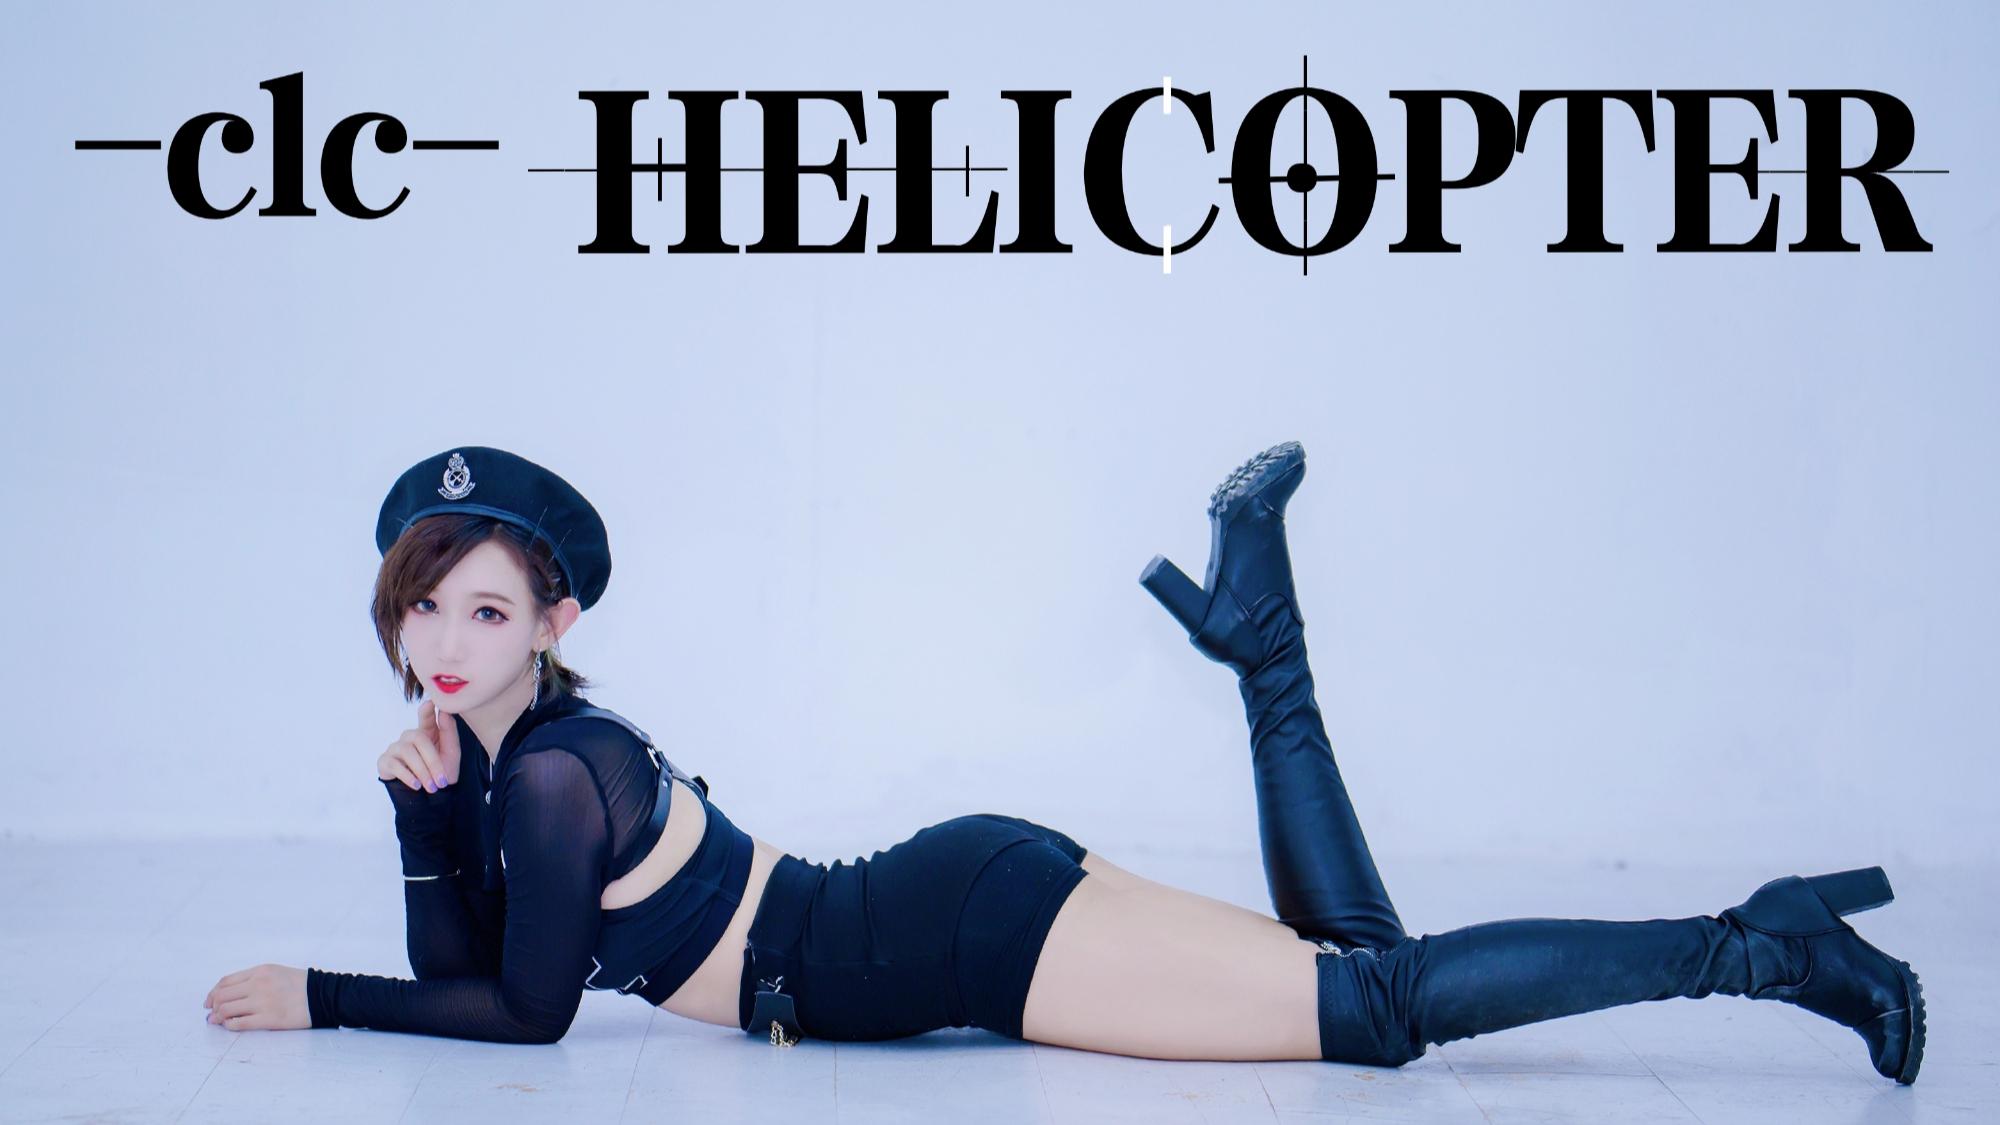 【贰太】超御预警!clc-helicopter爆炸起飞———